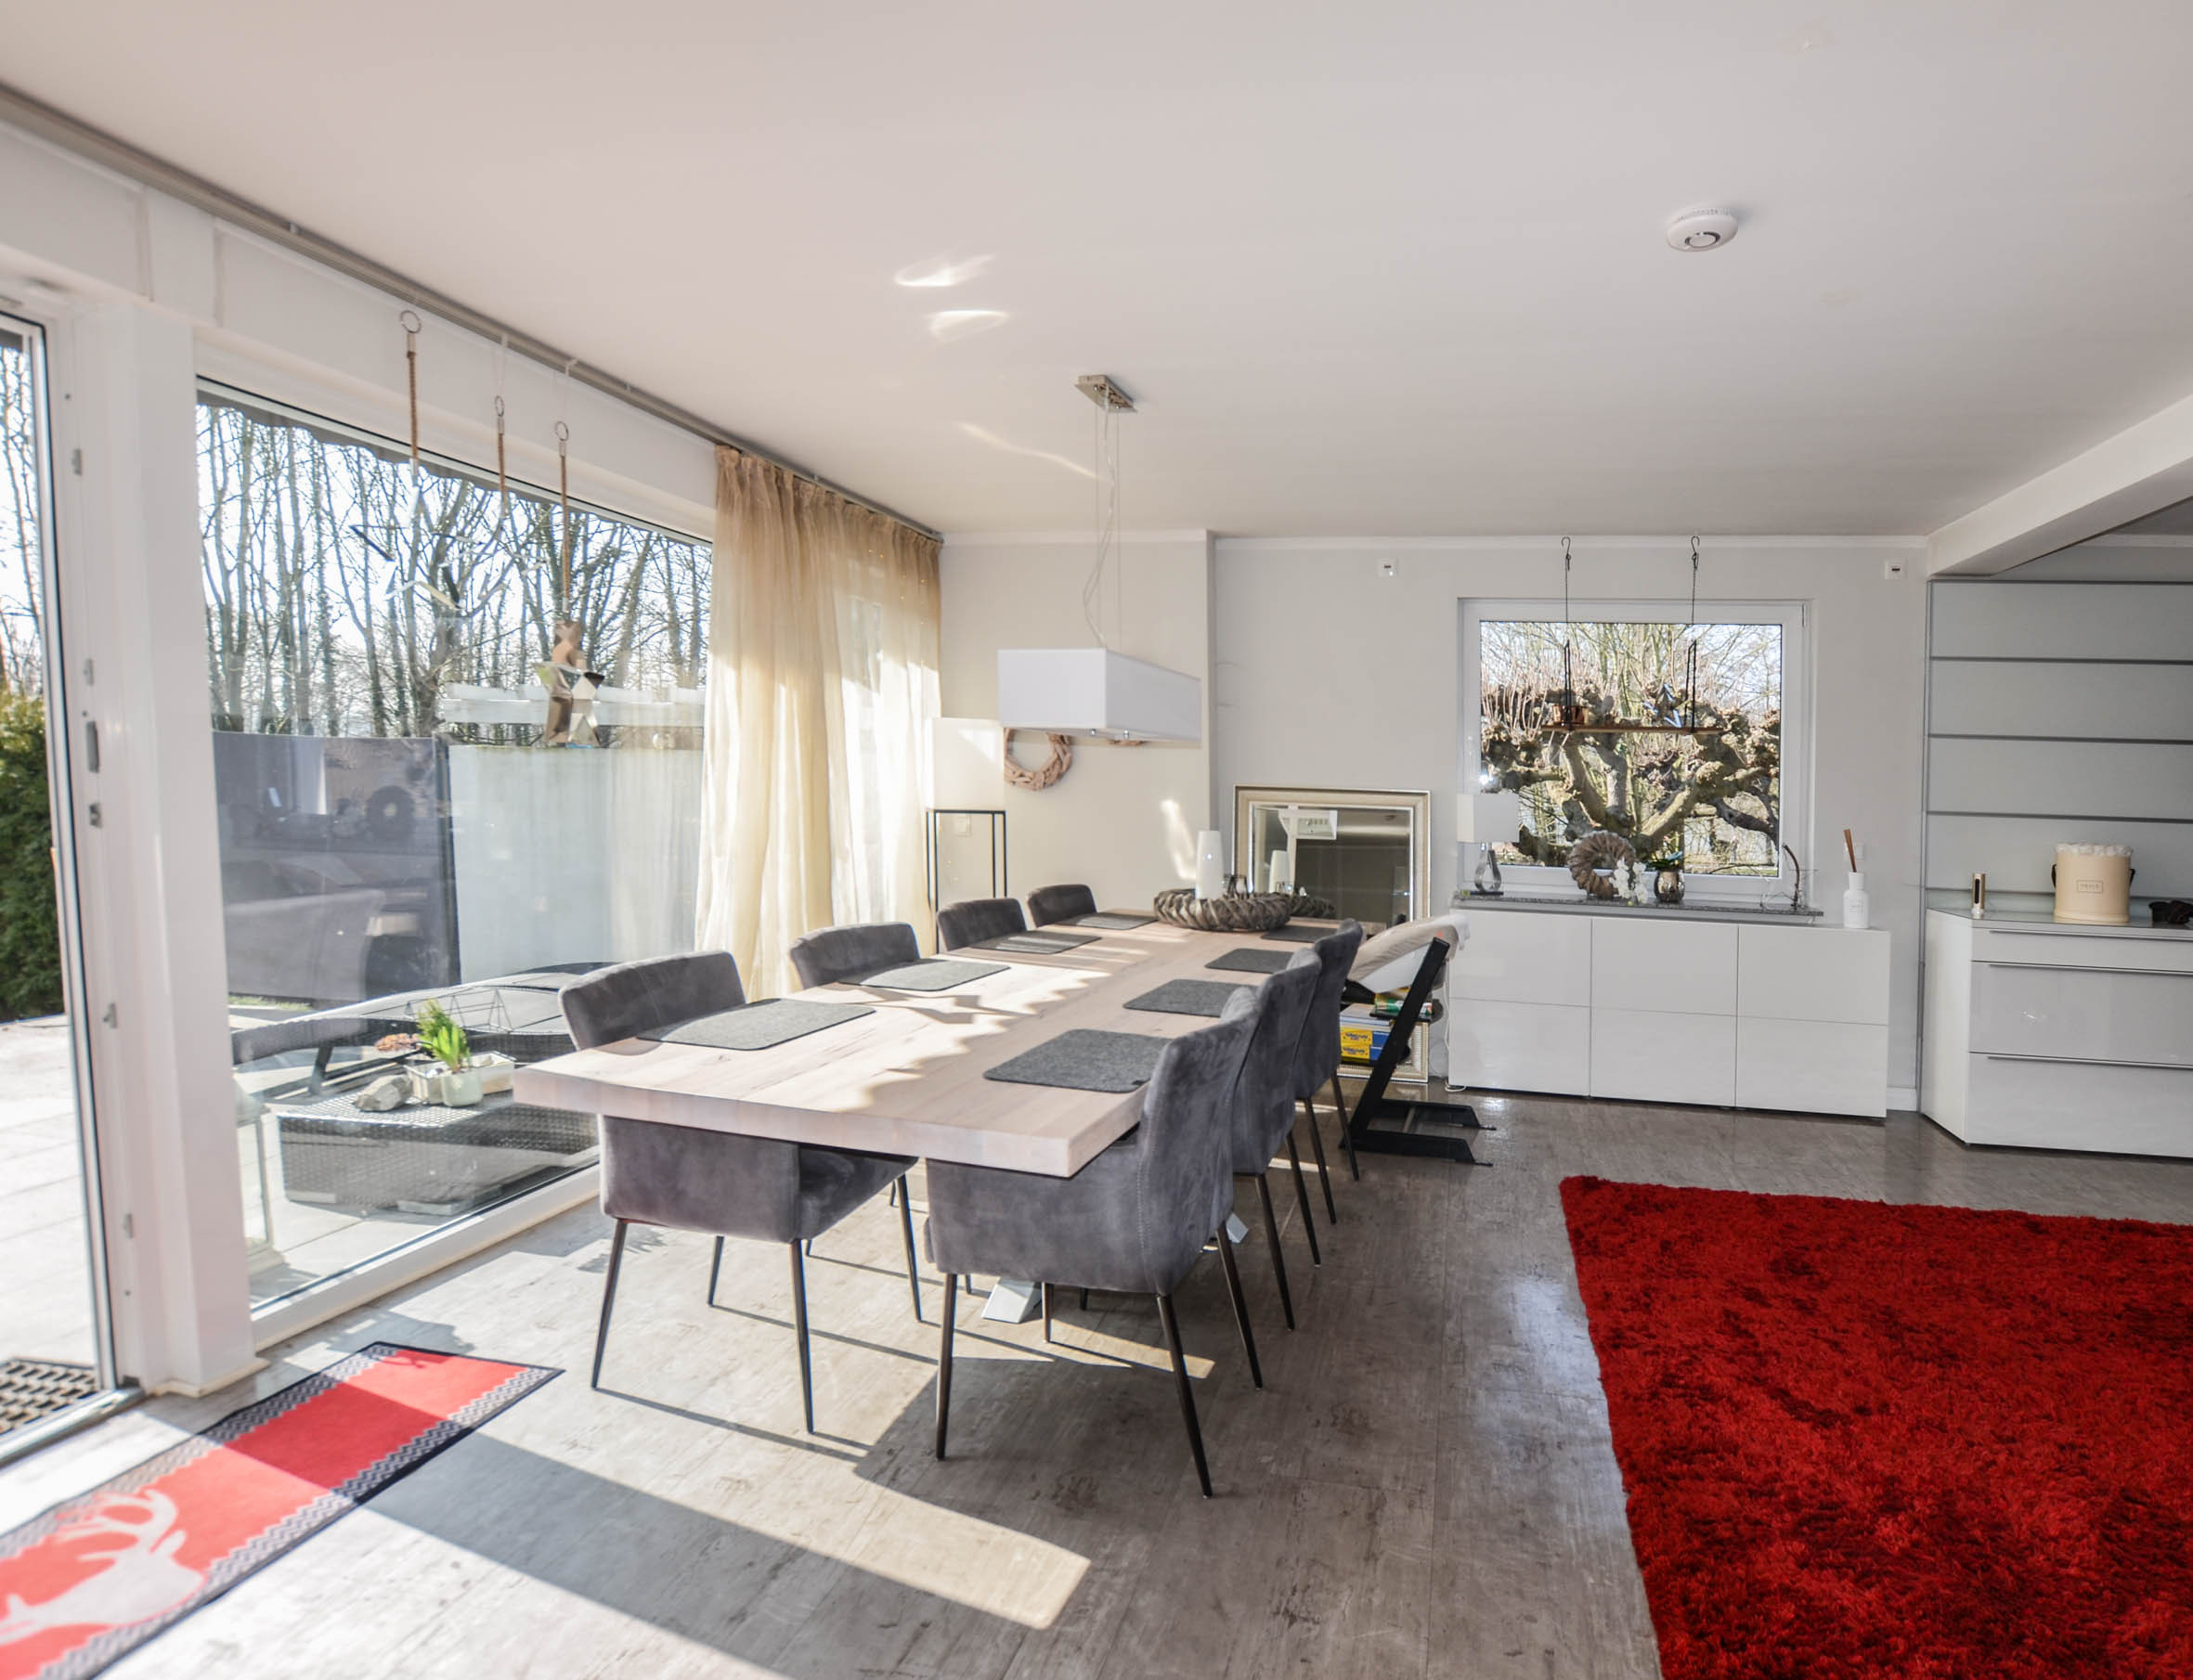 Haus Kaufen Bonn  Haus kaufen Königswinter Bonn